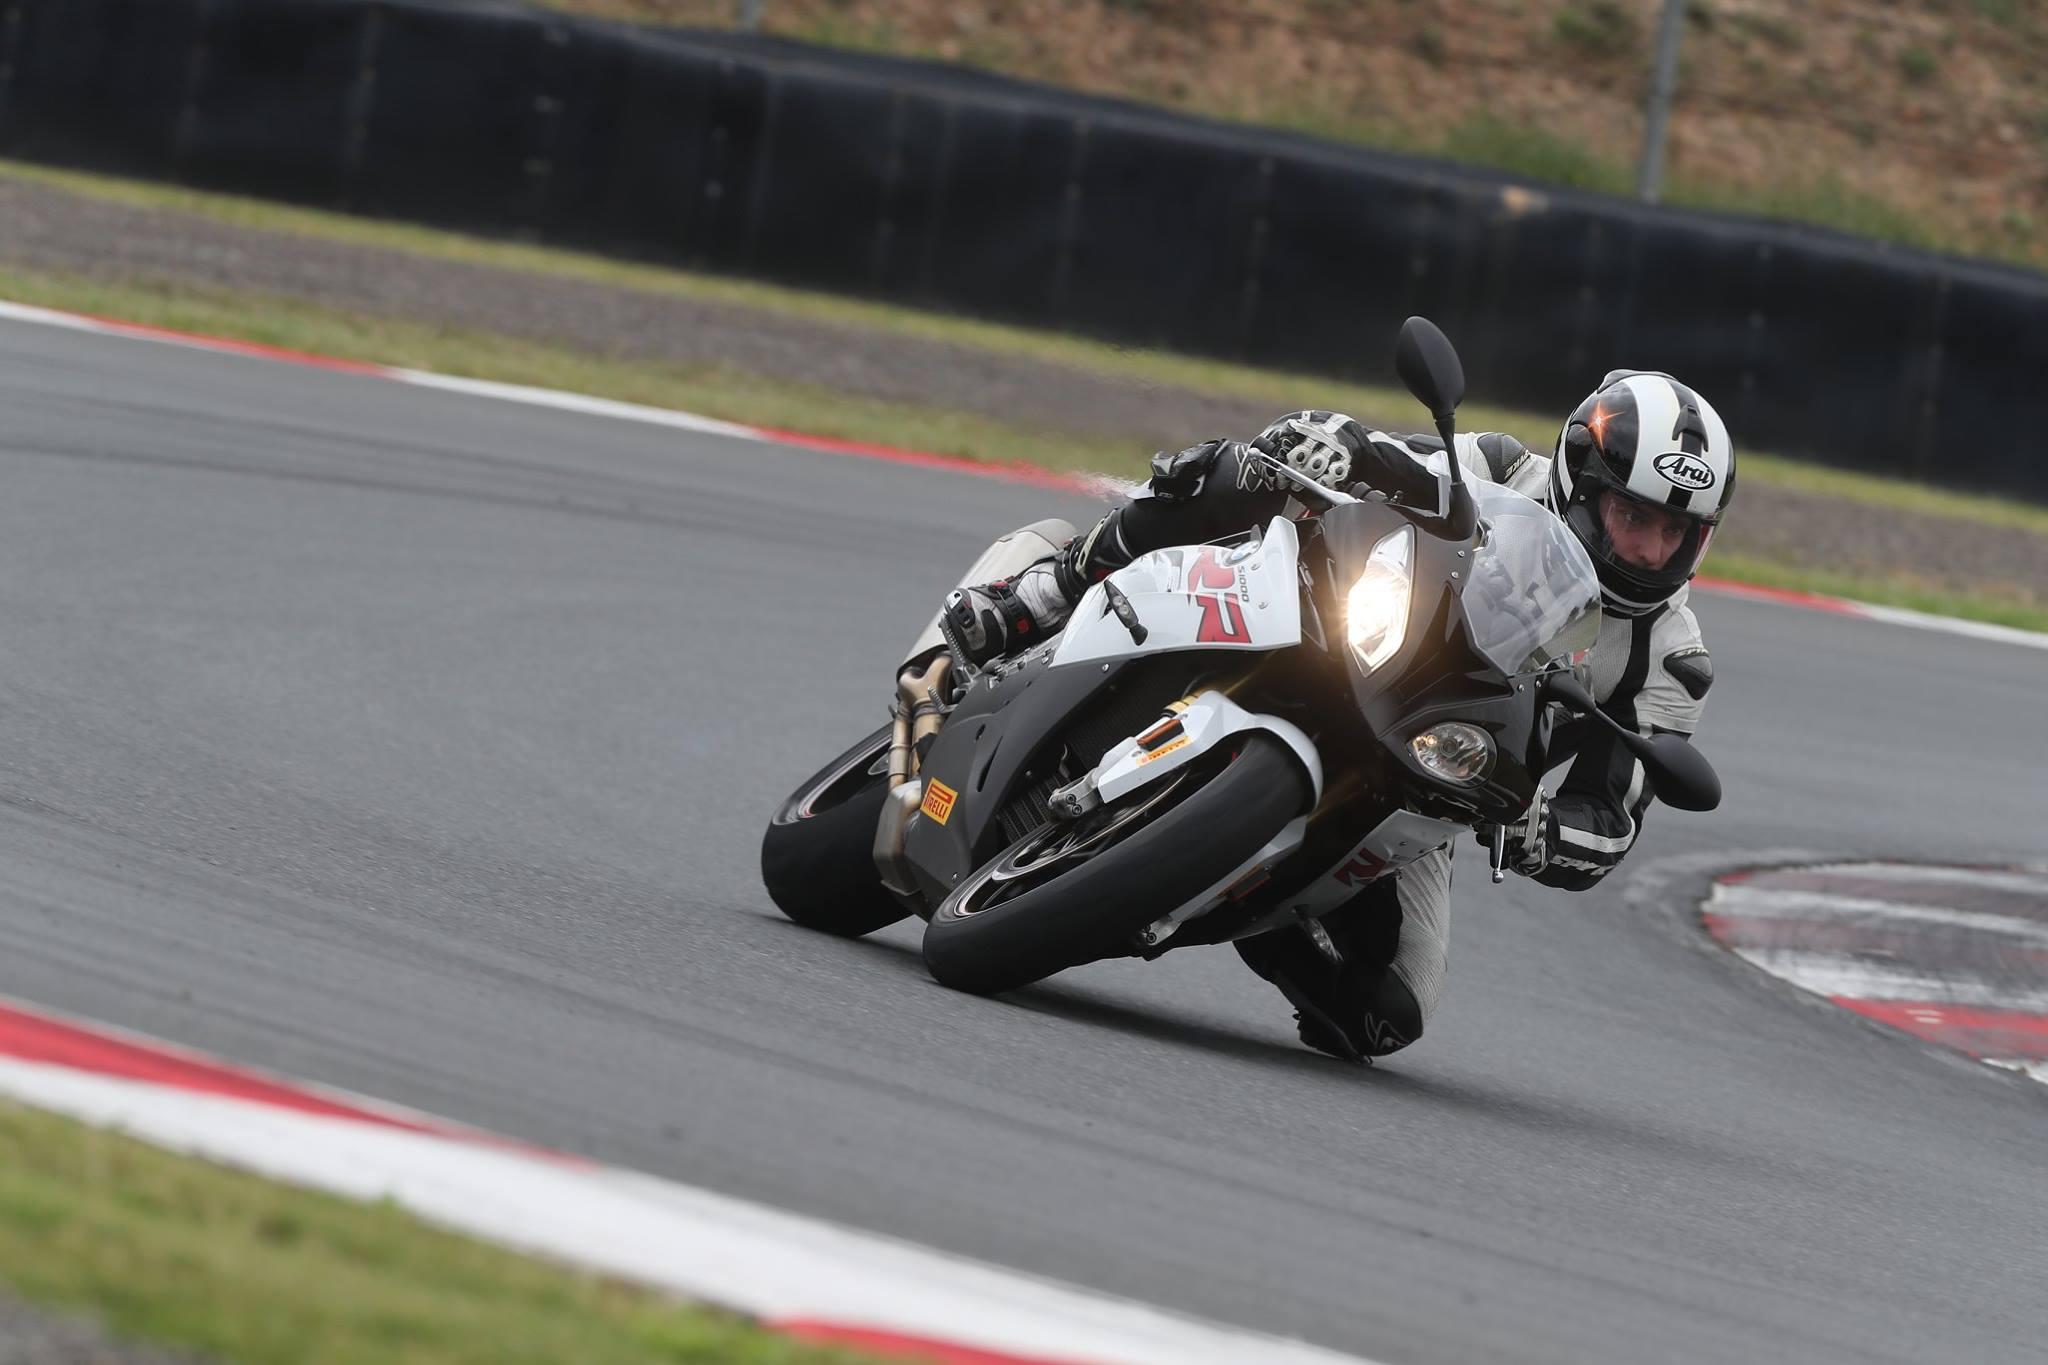 Test Ride Pirelli Rossocorsa Franzoni con BMW S1000 RR